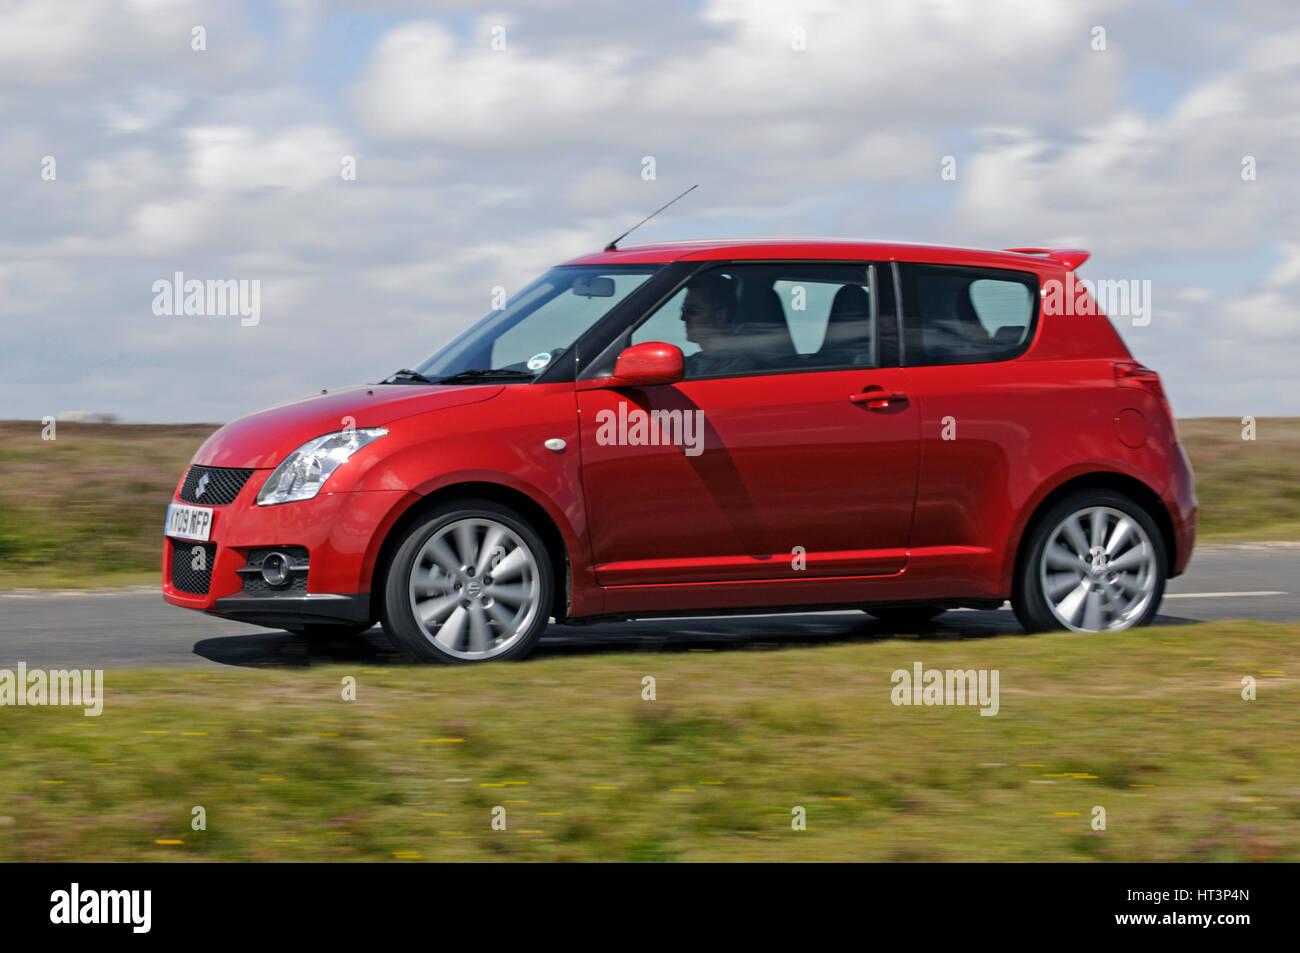 2009 Suzuki Swift Sport: Artiste inconnu. Banque D'Images